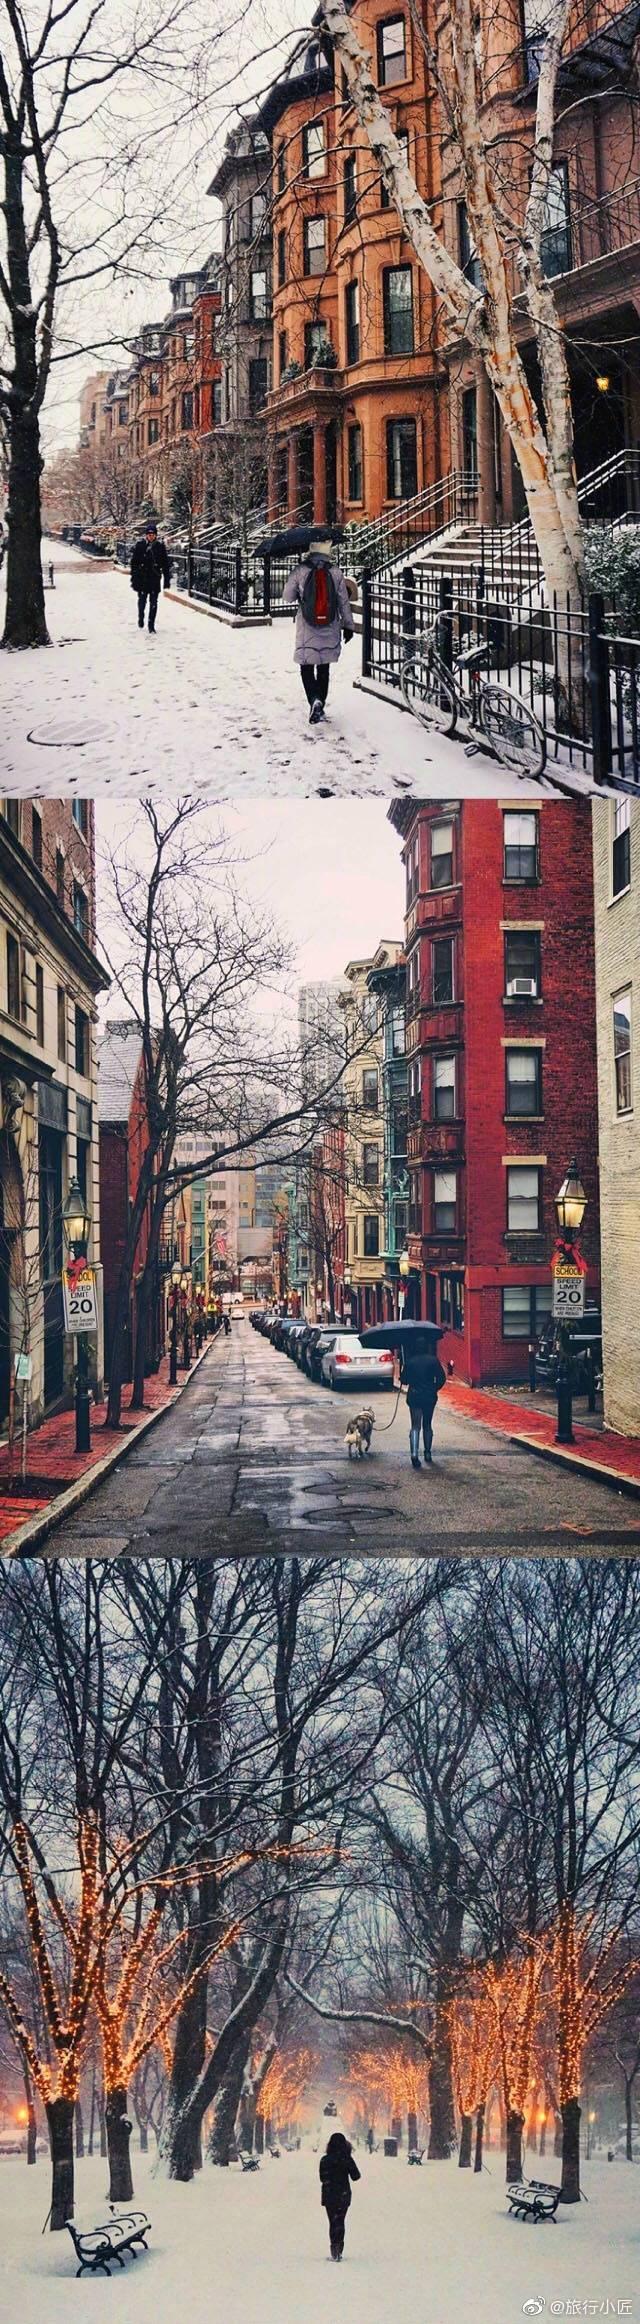 寒冬腊月的波士顿。